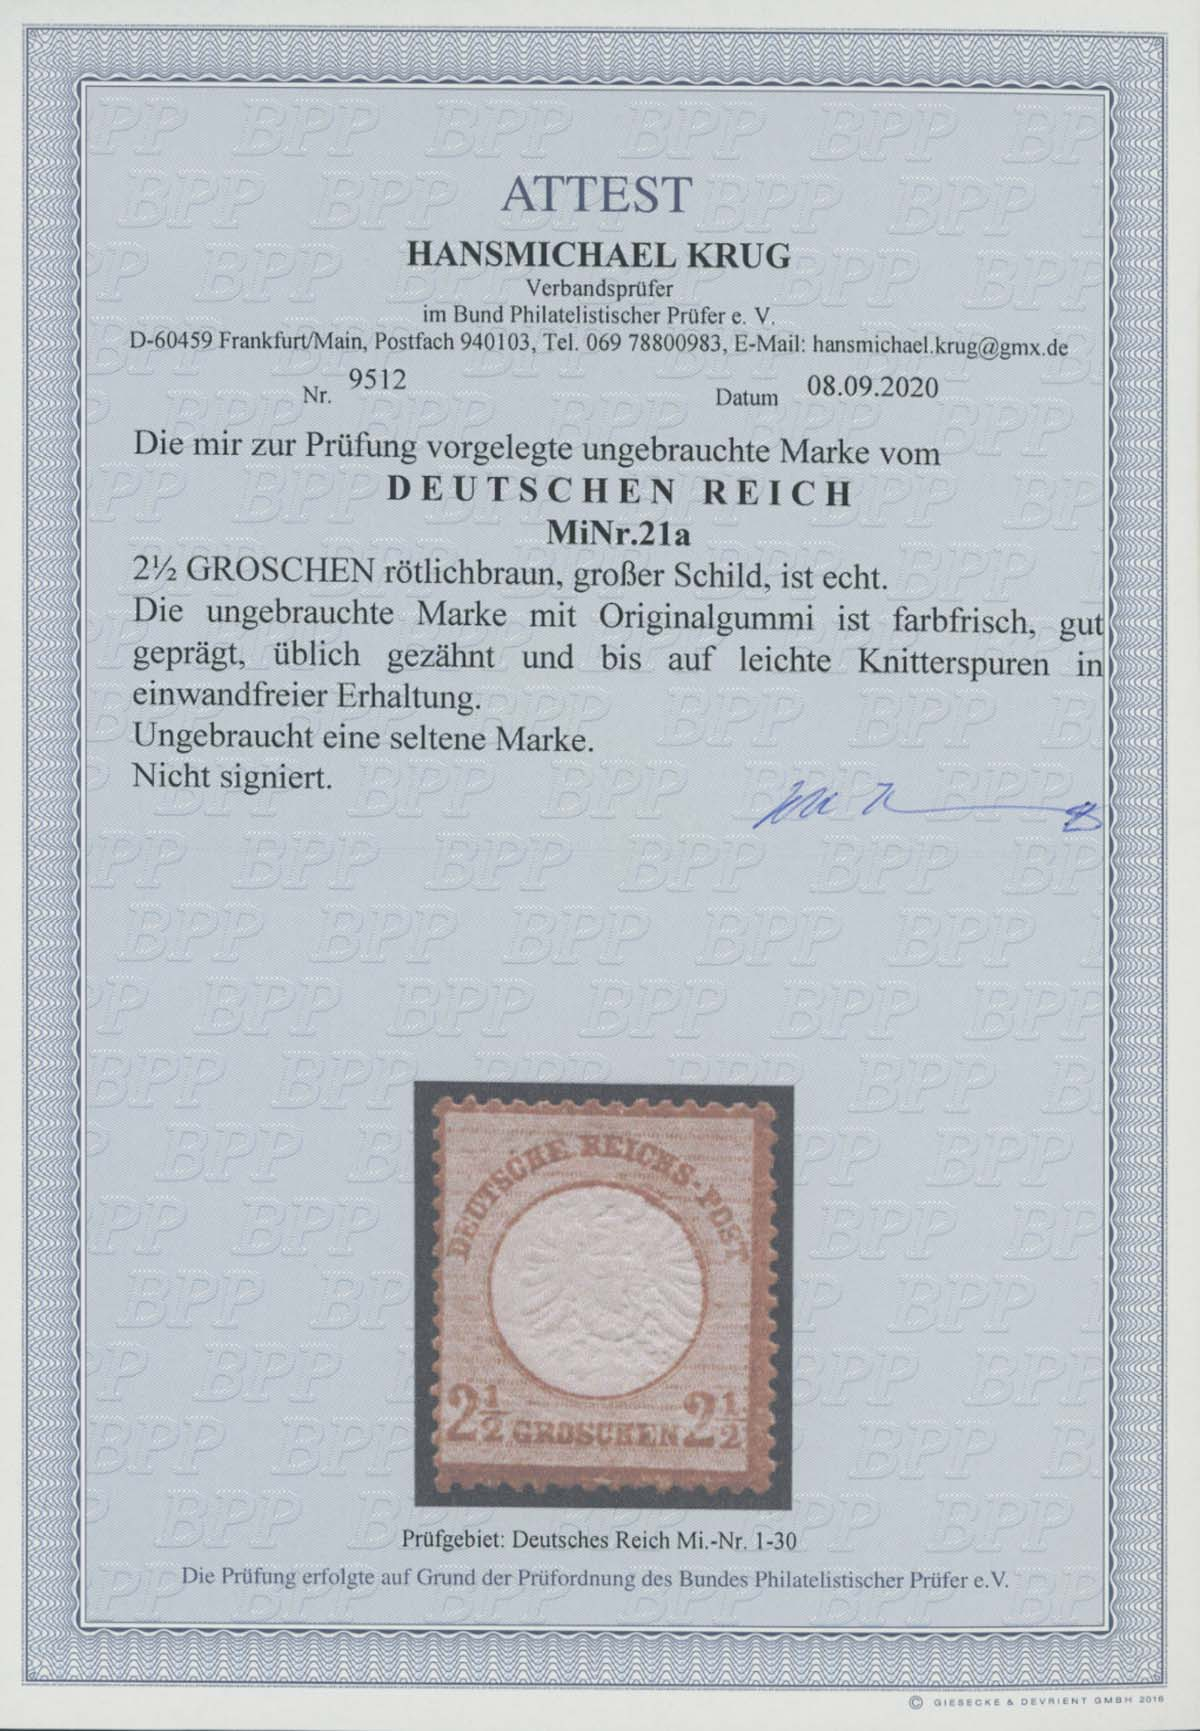 Lot 4201 - Deutsches Reich_Brustschilde  -  Auktionshaus Ulrich Felzmann GmbH & Co. KG Auction 170 International Autumn Auction 2020 Day 4